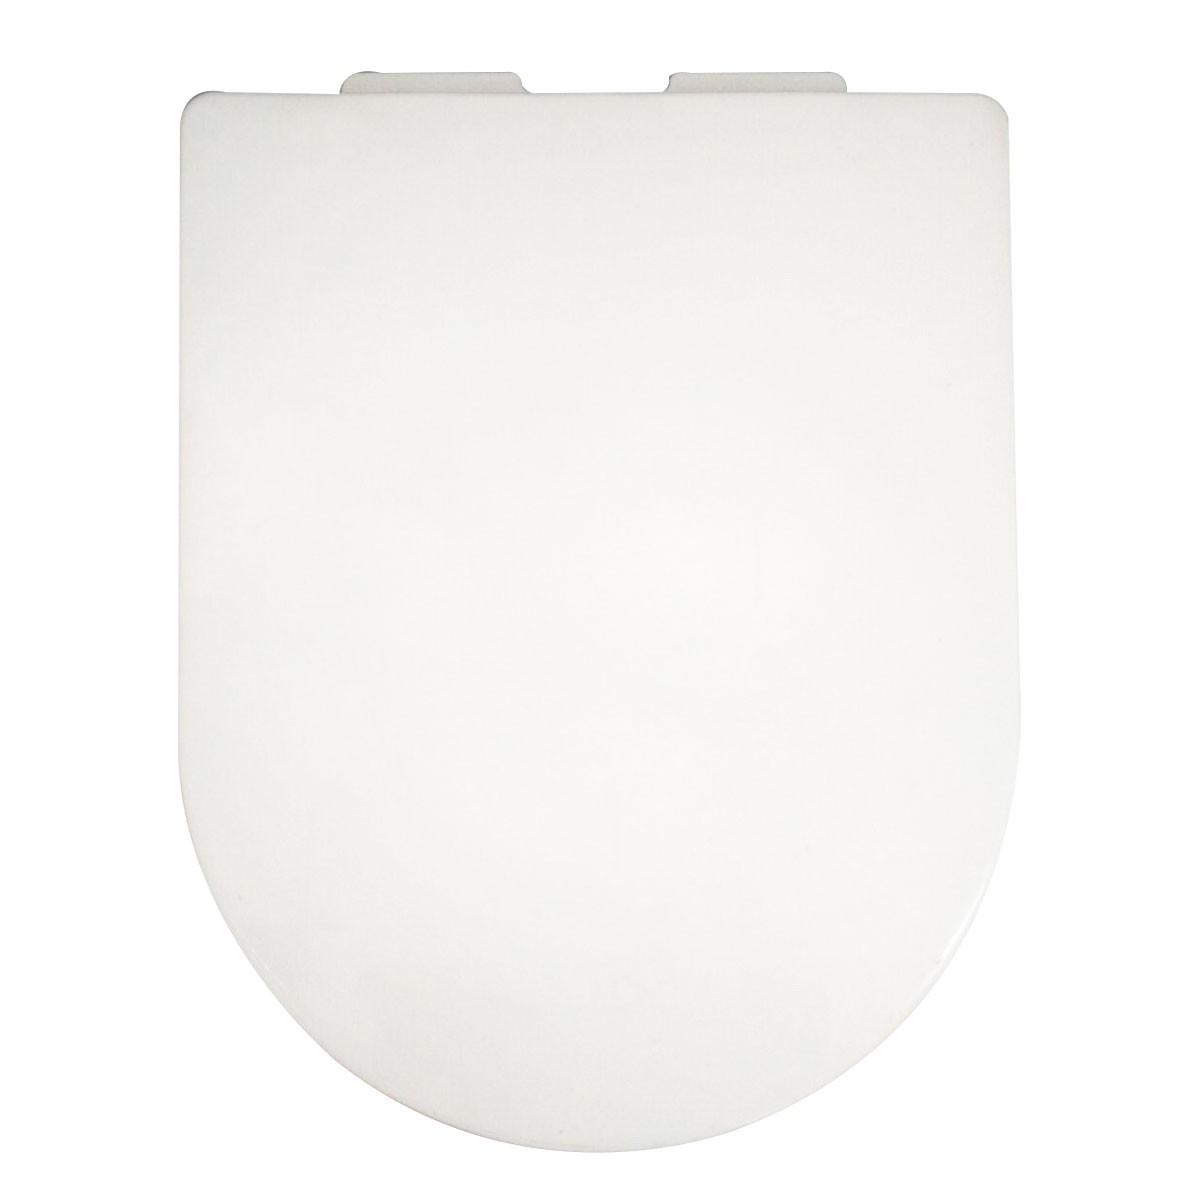 Siège de Toilette Blanc à Fermeture Douce avec Couvercle en PP (DK-CL-031)